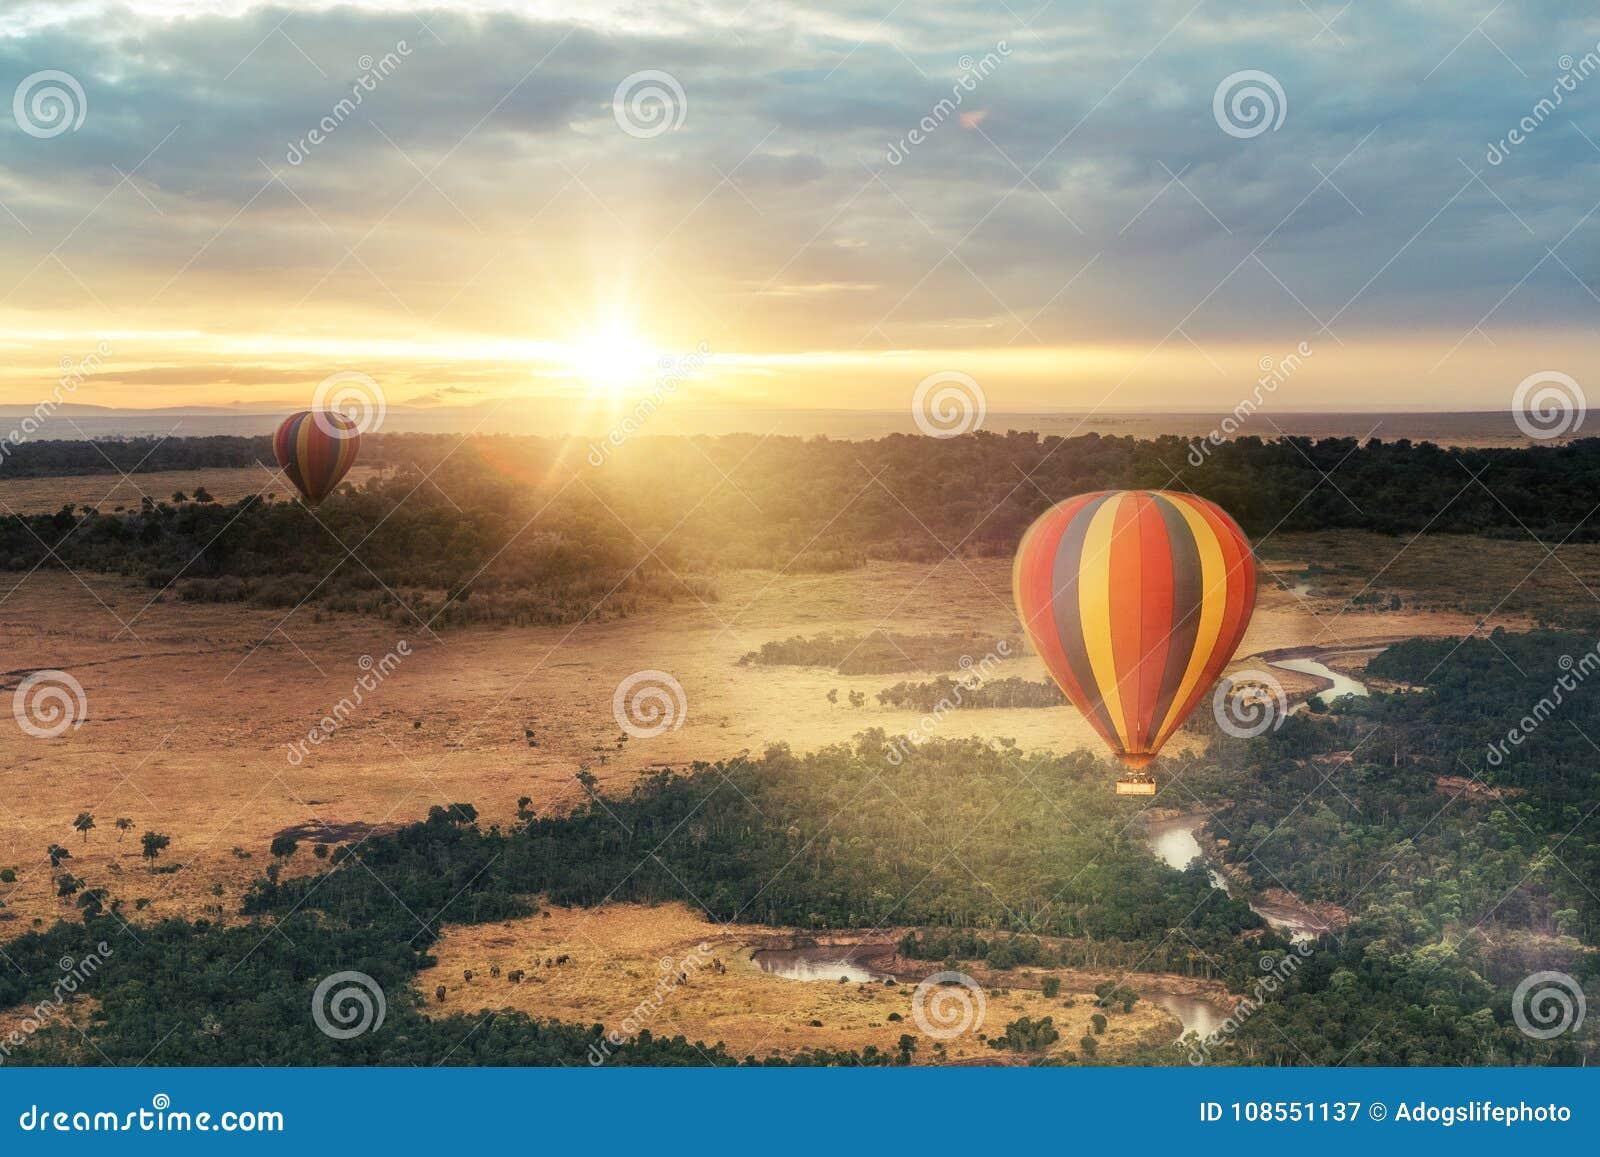 Passeio do balão de ar quente sobre o Masai Mara